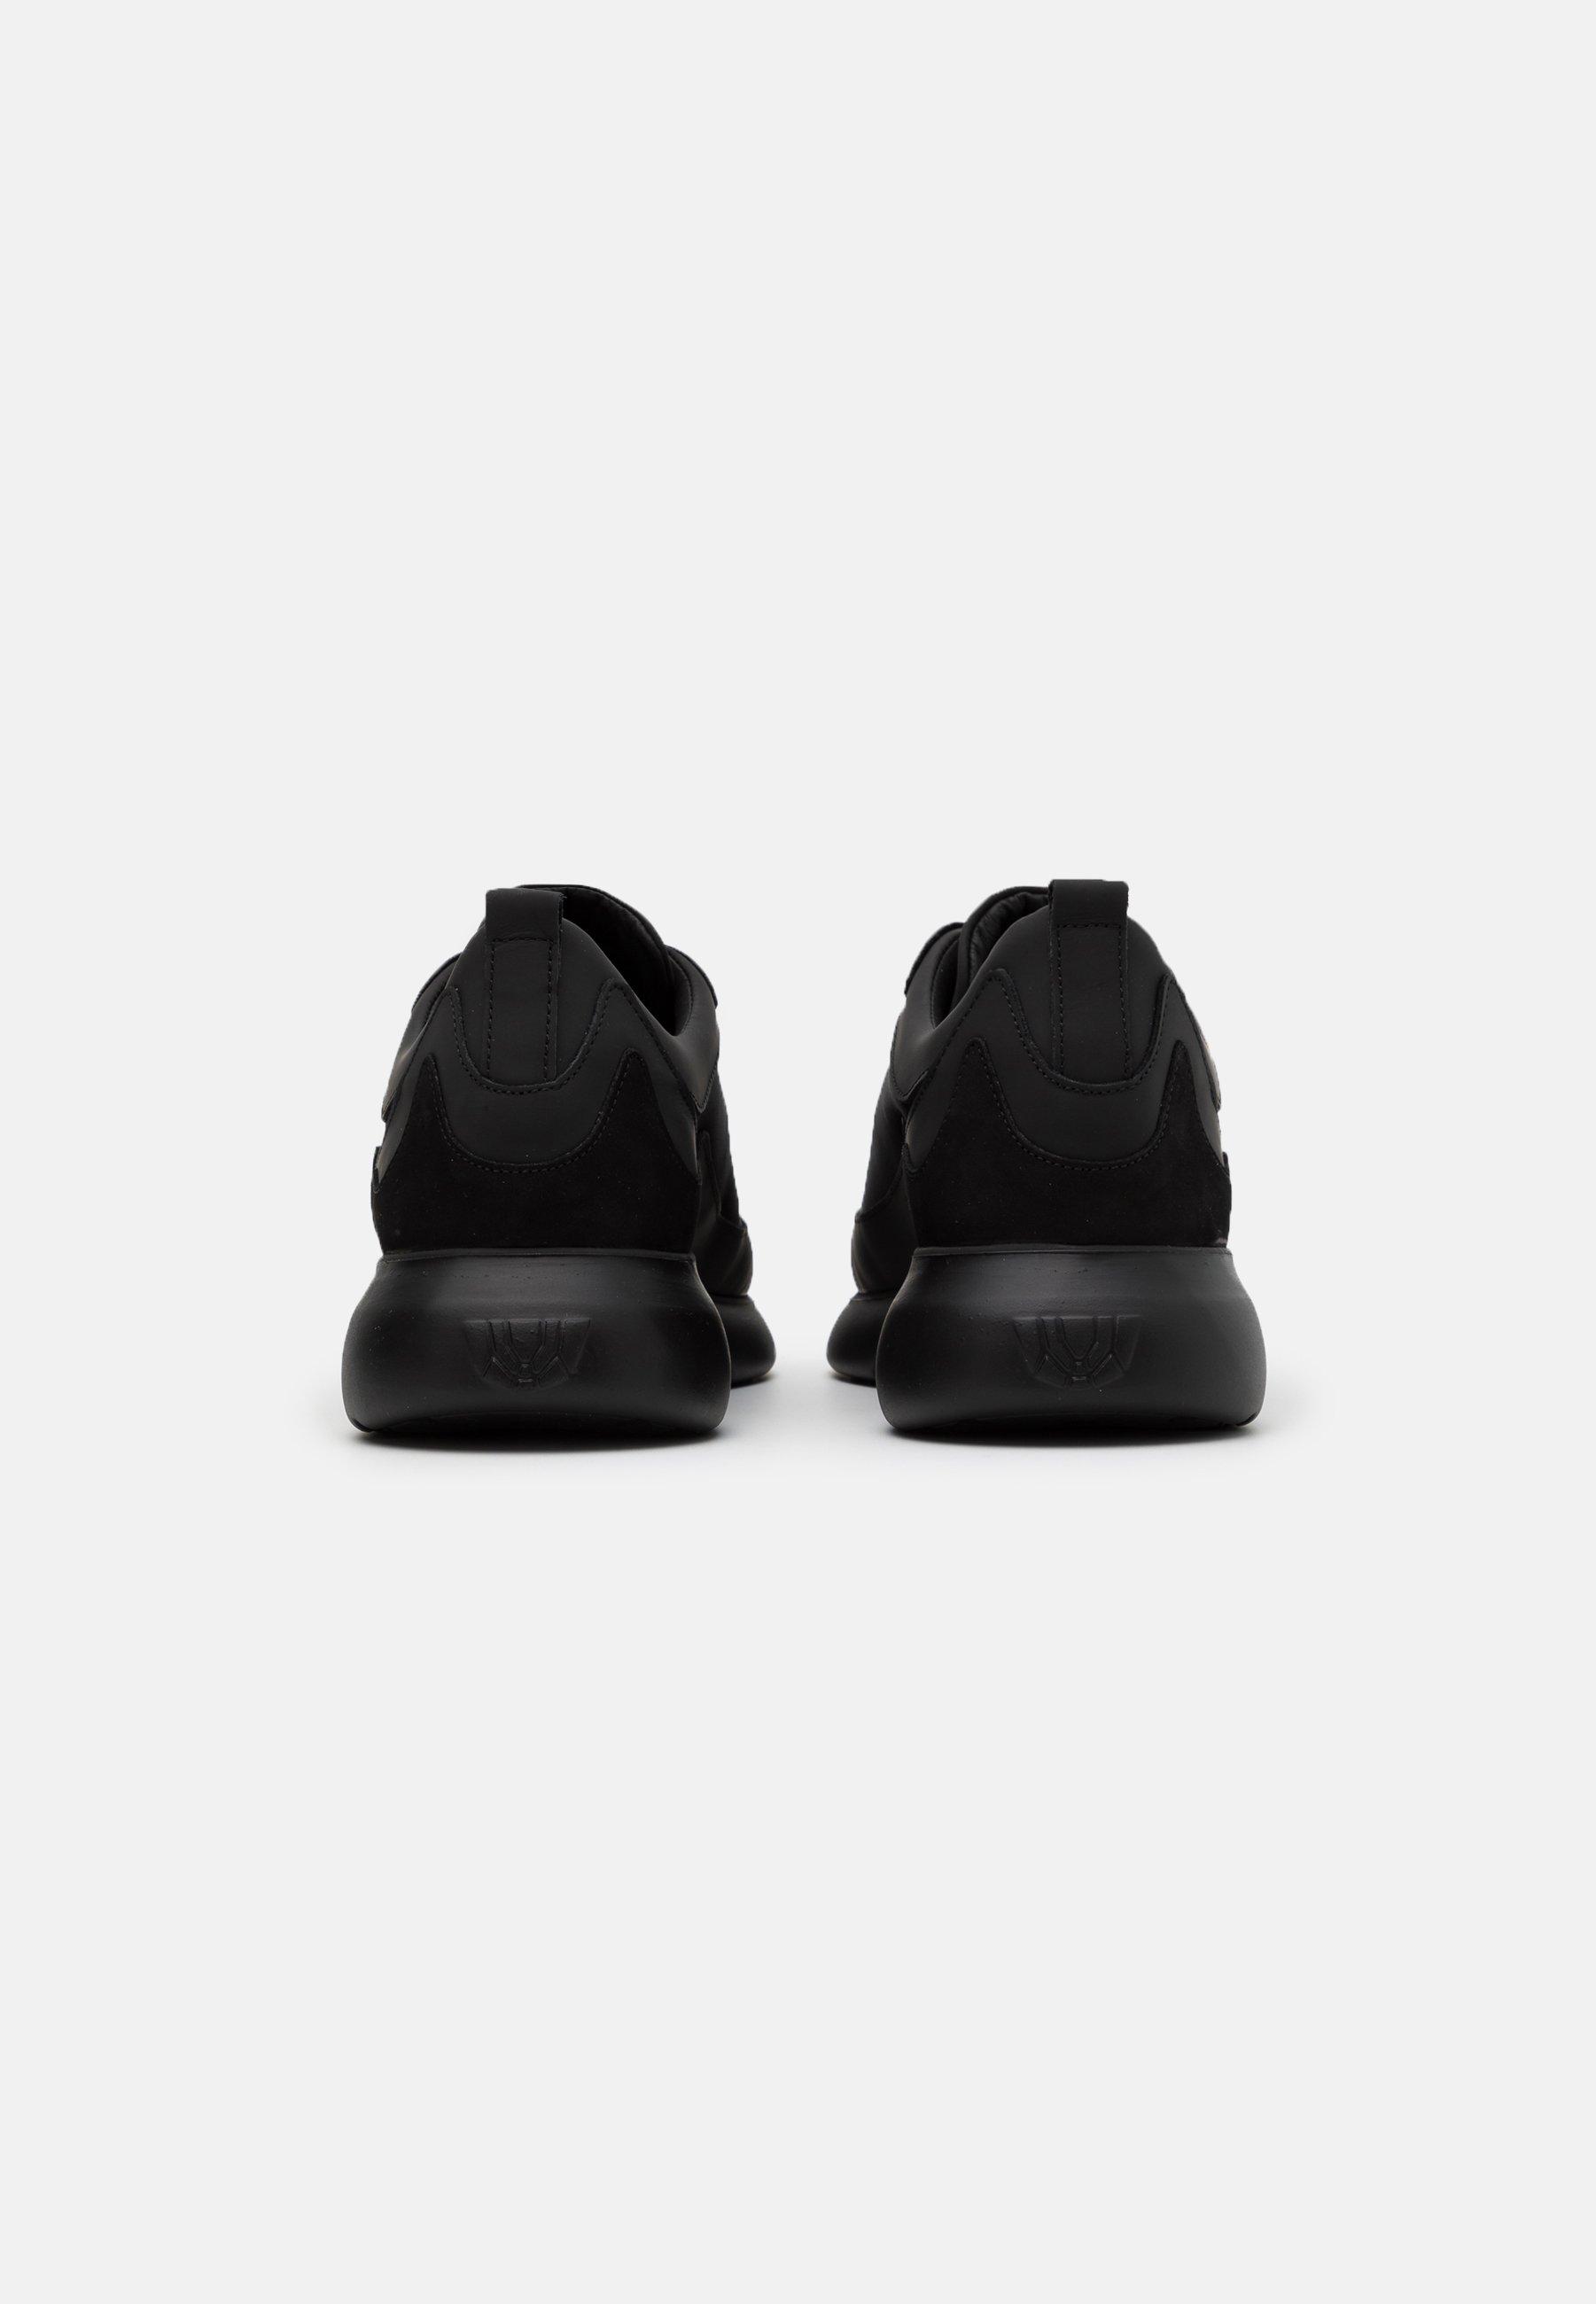 Mercer Amsterdam Sneaker low - black/schwarz - Herrenschuhe kNZir